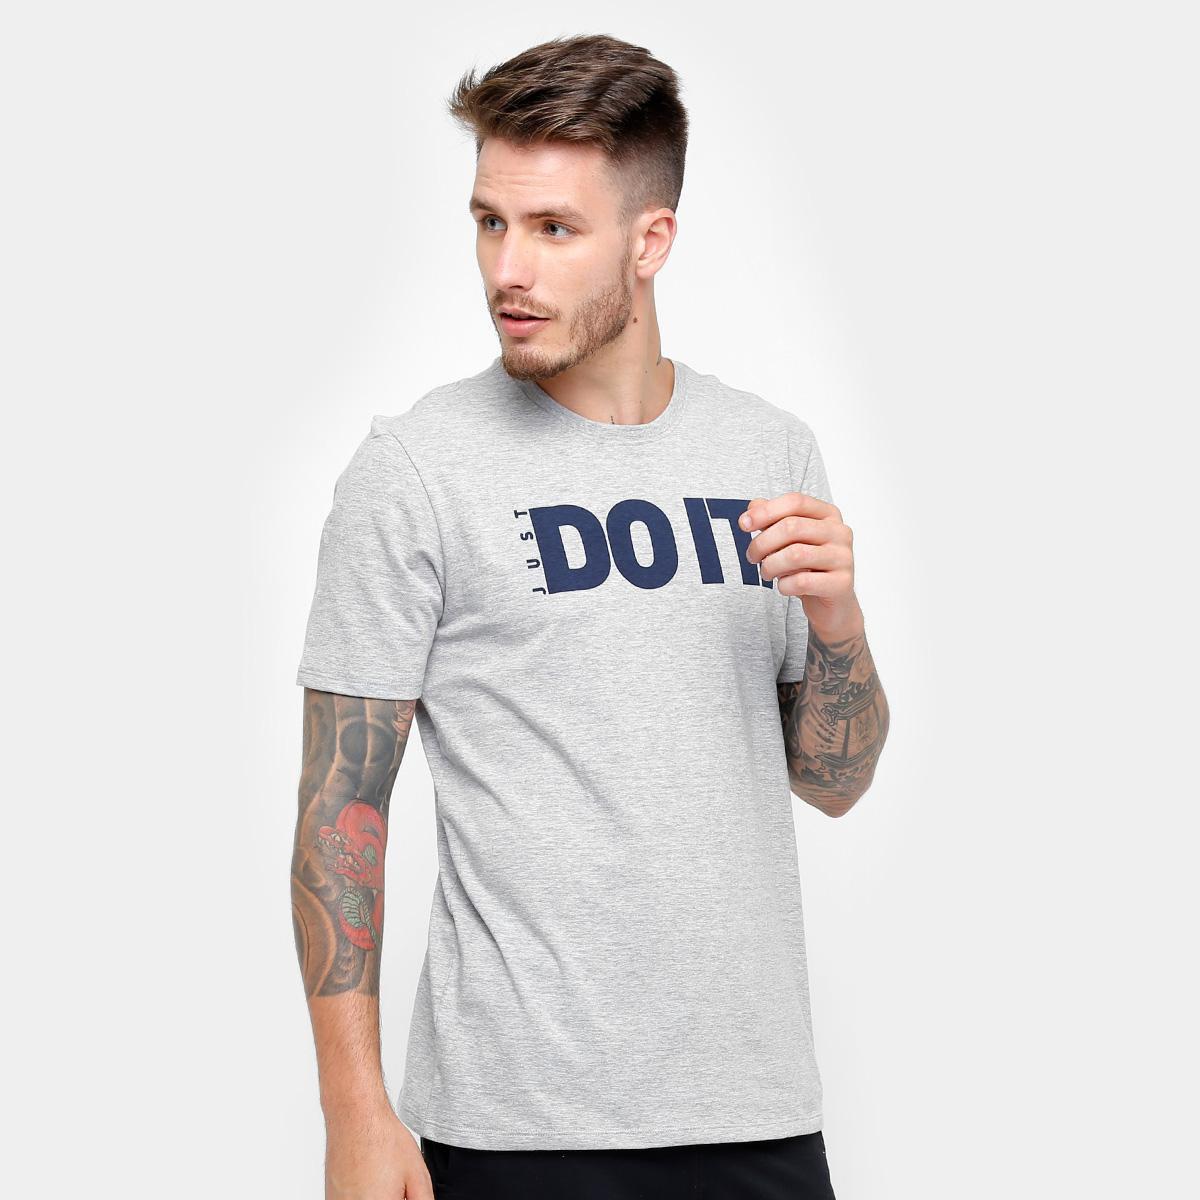 e5c6f4469e72c Camiseta Nike M Nsw Tee Ho Verbiage 2 - Compre Agora